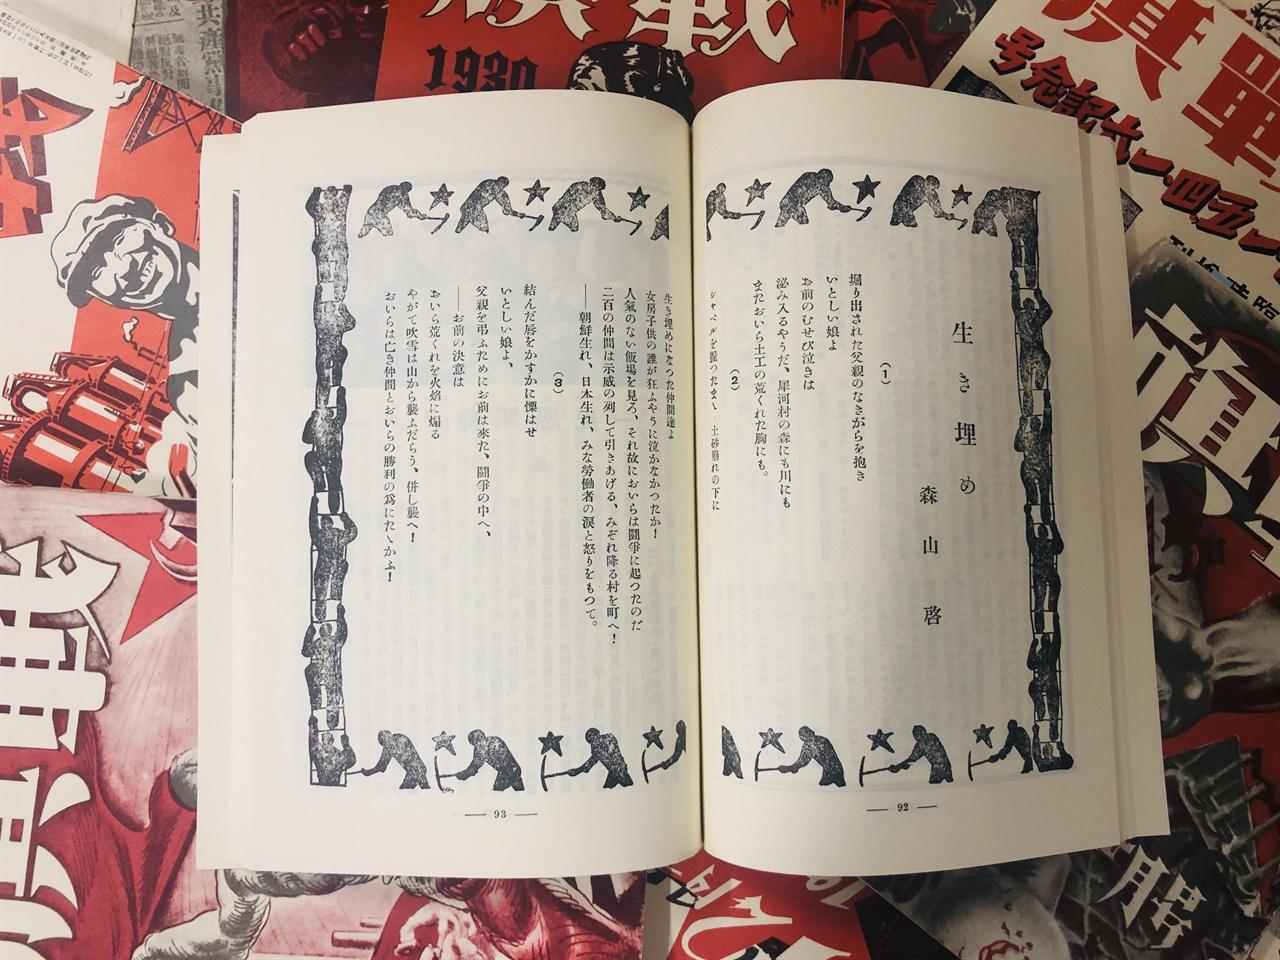 모리야마 게이(森山啓)의 '생매장'(生き埋め)' .